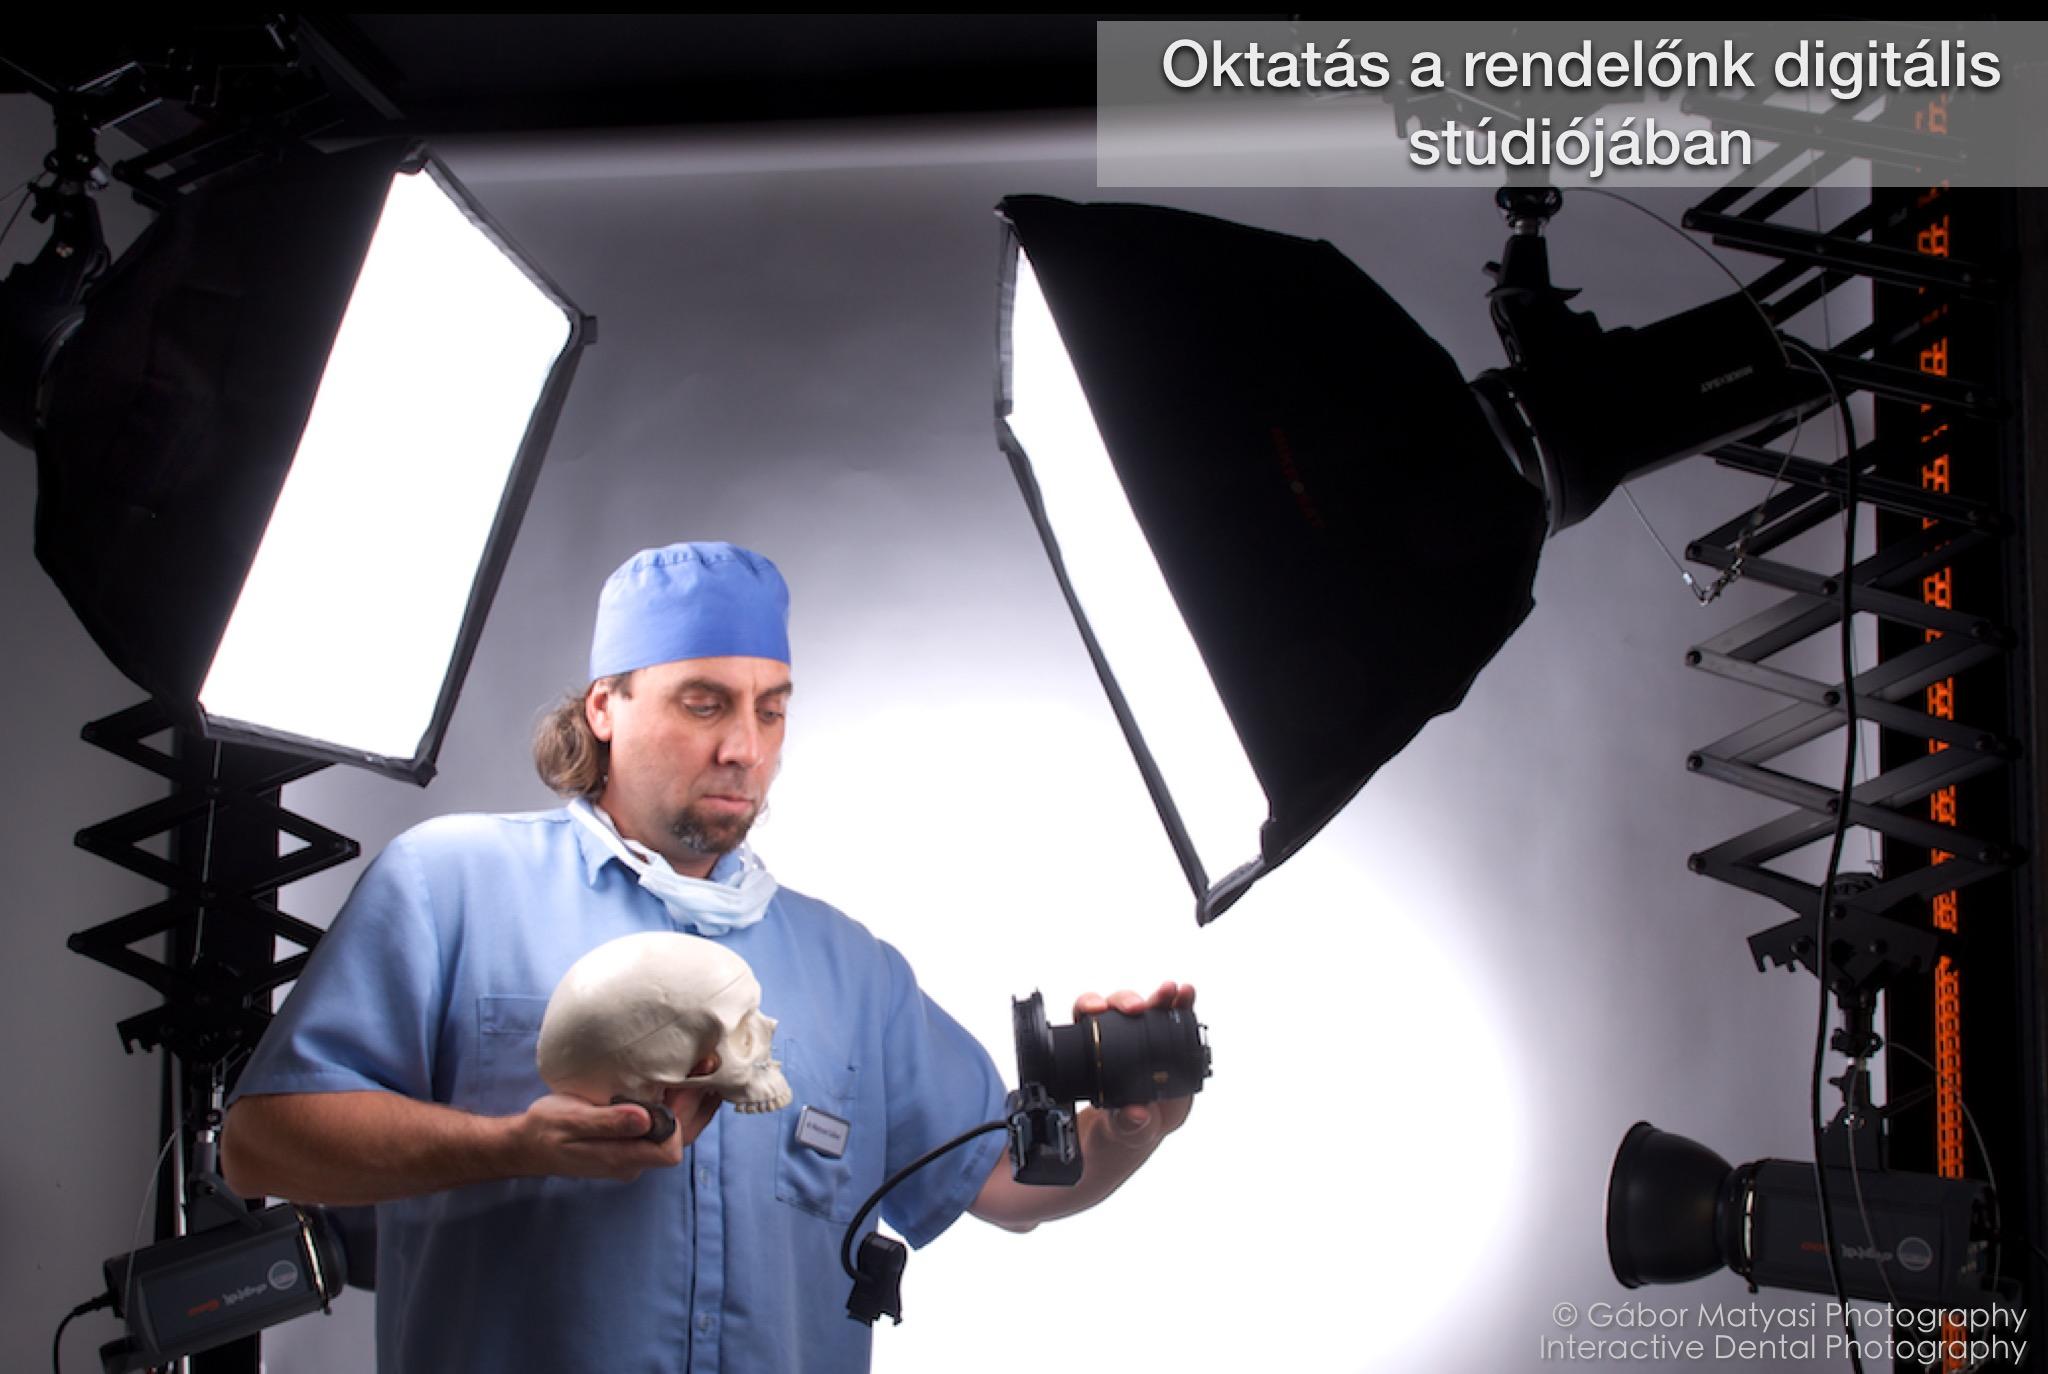 Digitális stúdió és fotóműterem a fogorvosom.hu rendelőjében